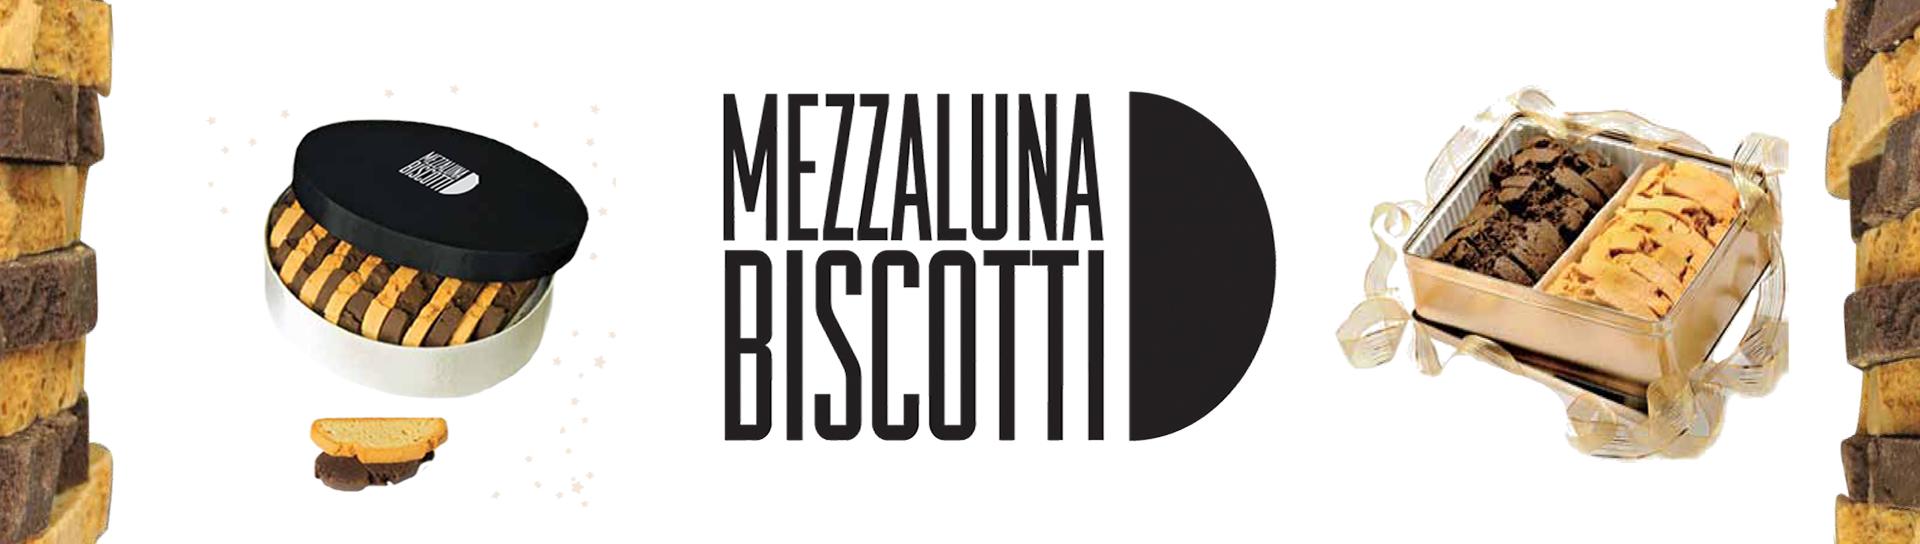 Mezzaluna Biscotti | Buy Biscotti Online